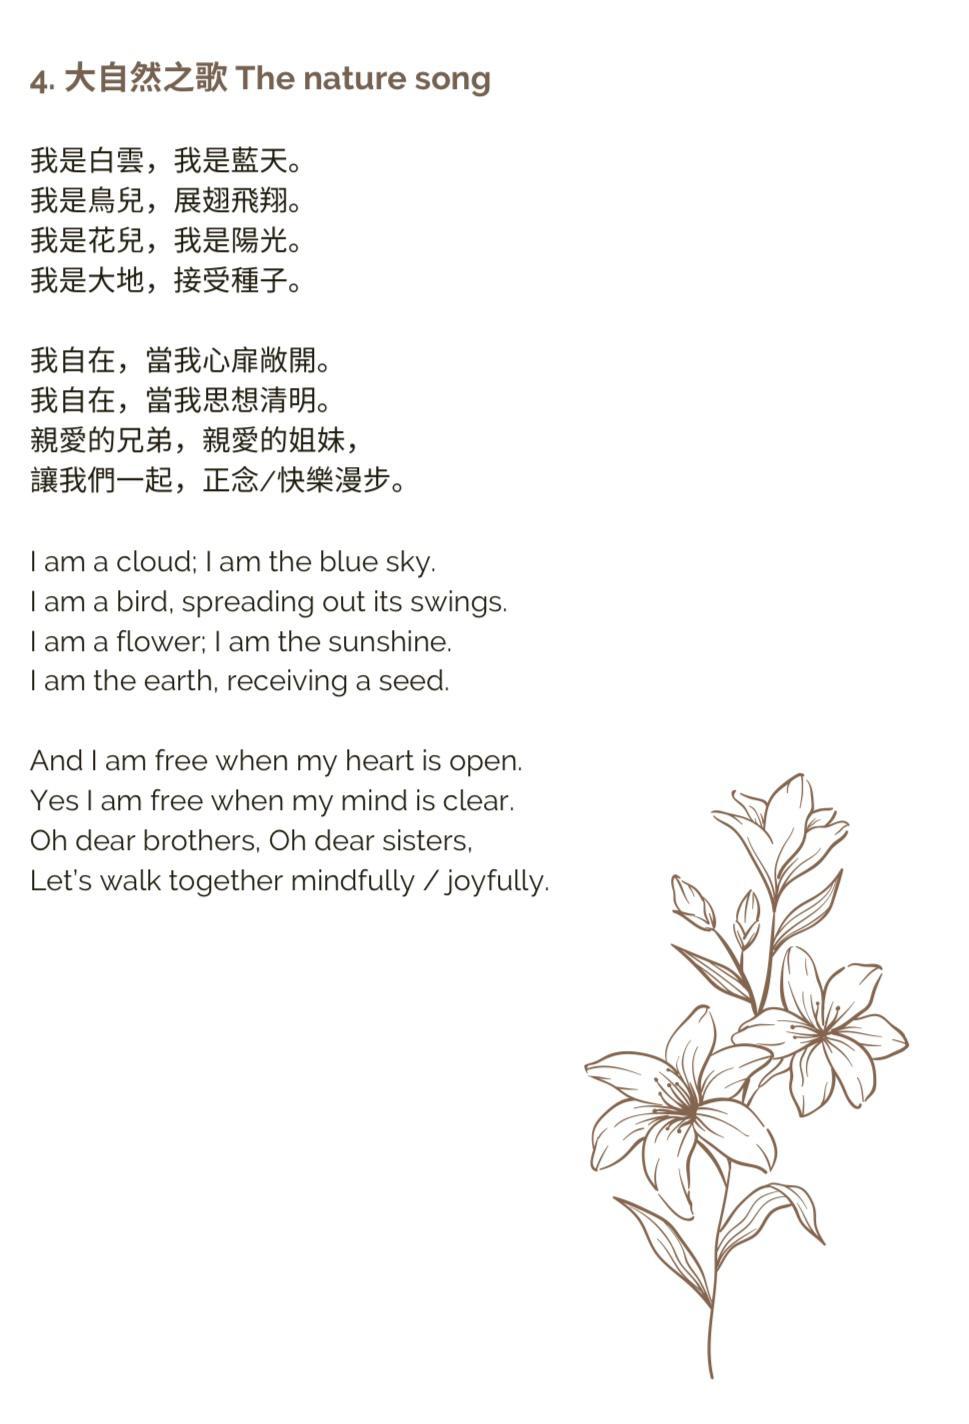 2021011307_大自然之歌_歌詞